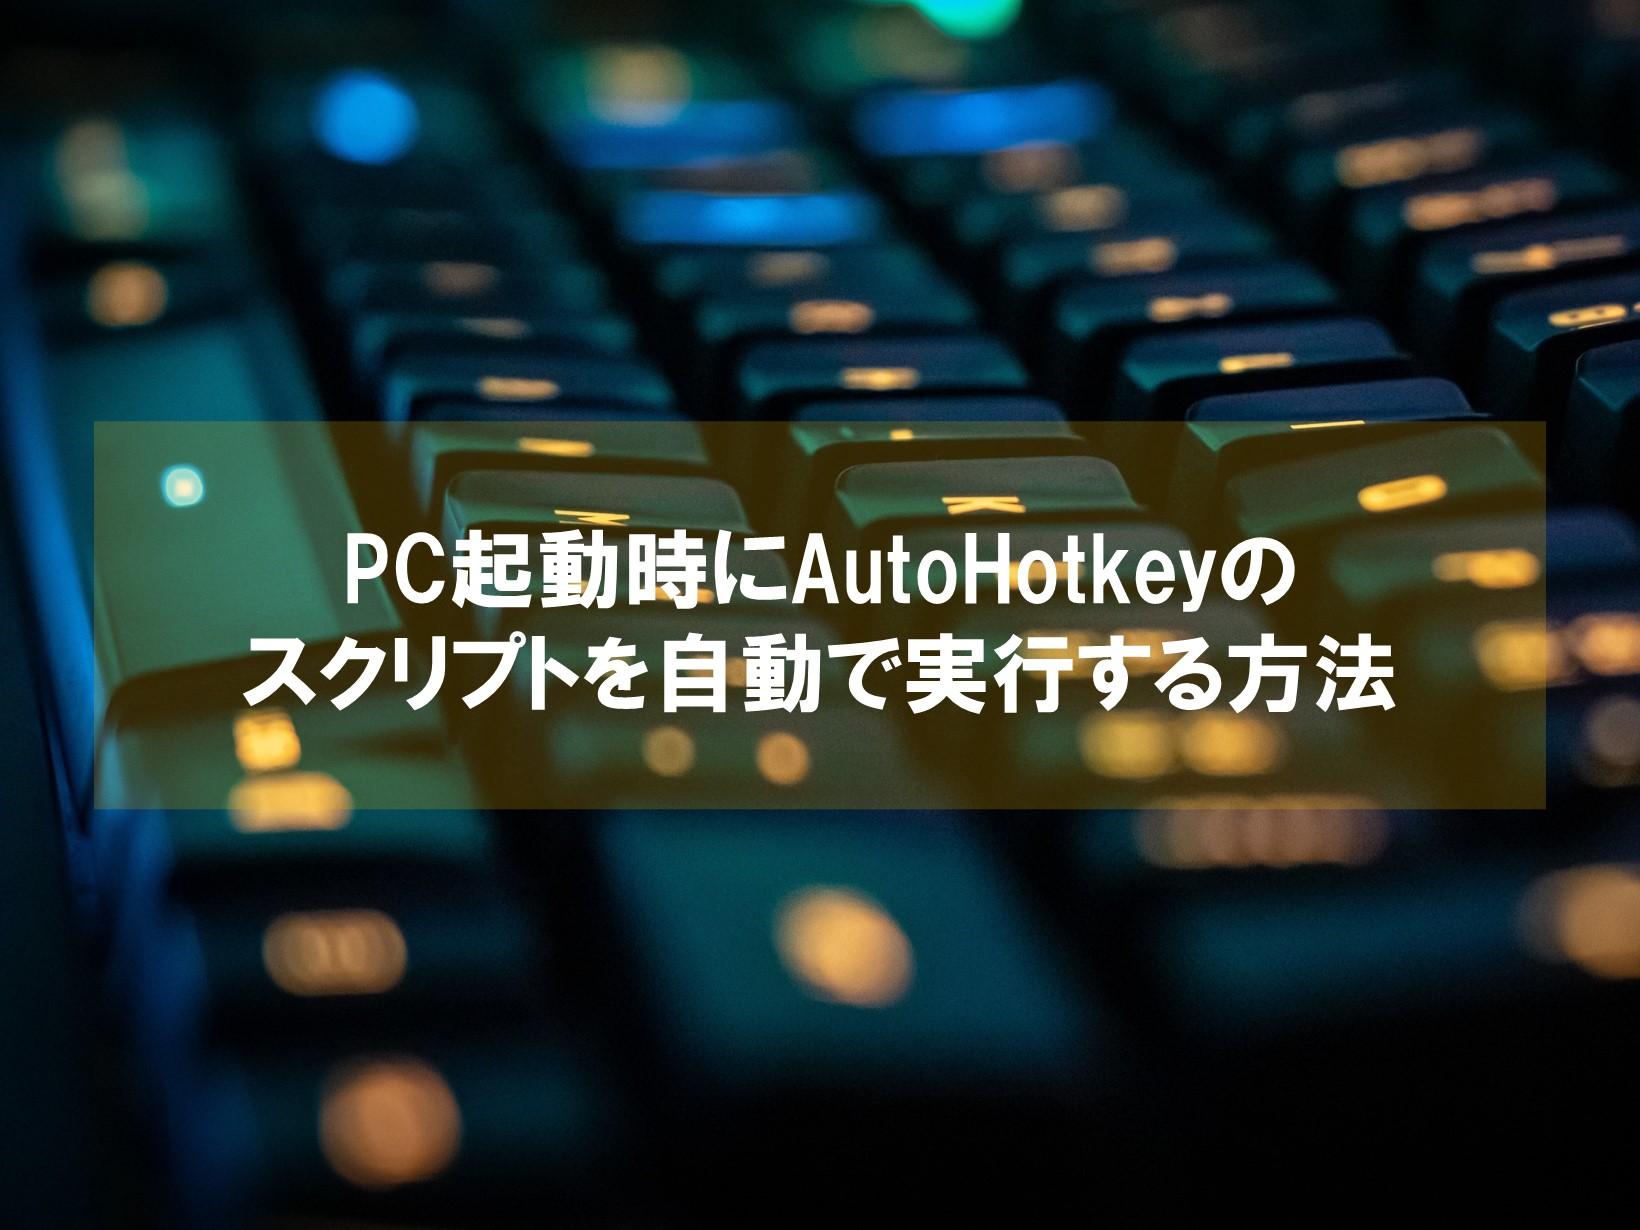 PC起動時にAutoHotkeyのスクリプトを自動で実行する方法